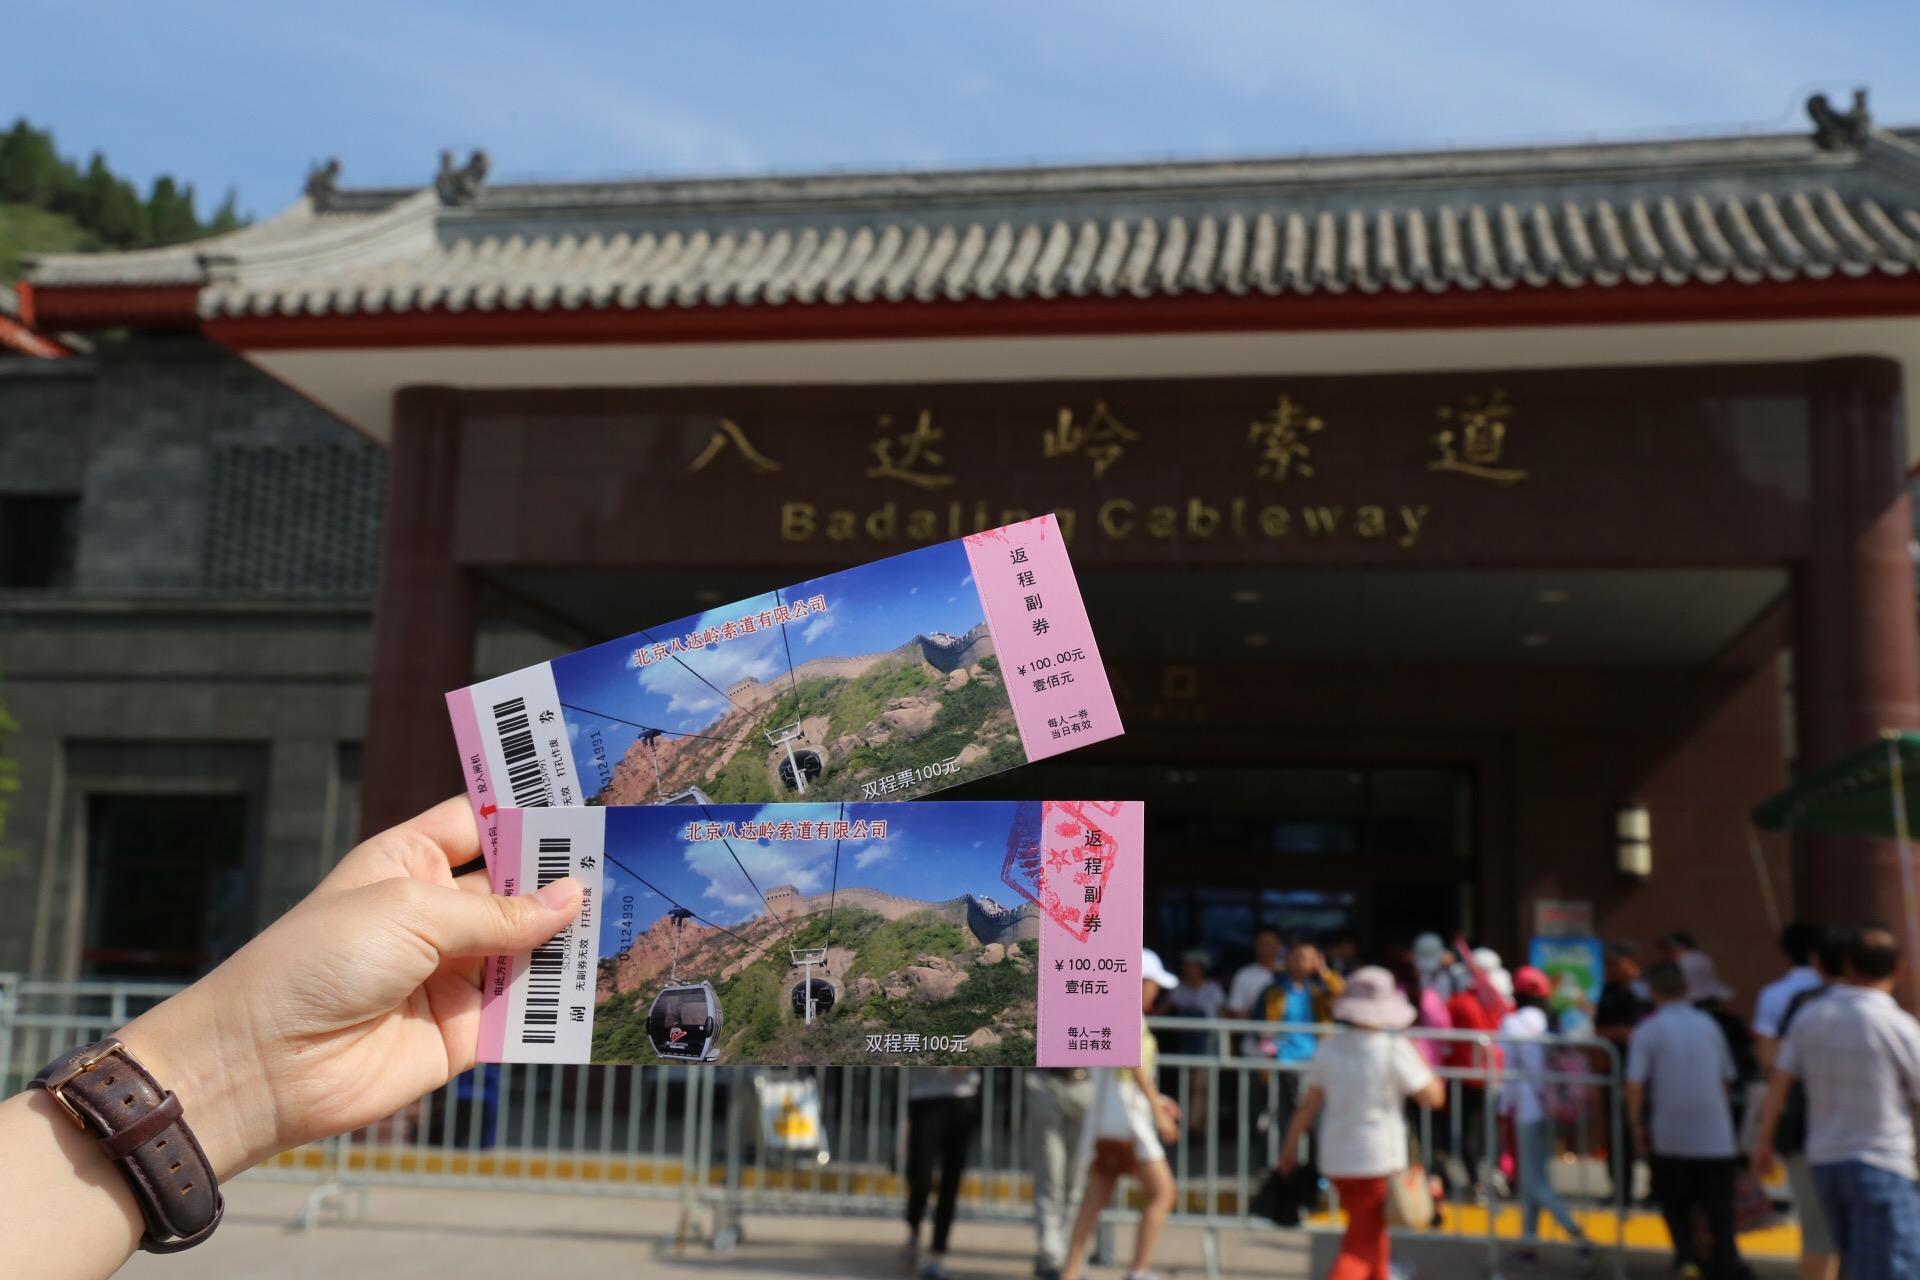 China BeiJing Badaling Great Wall